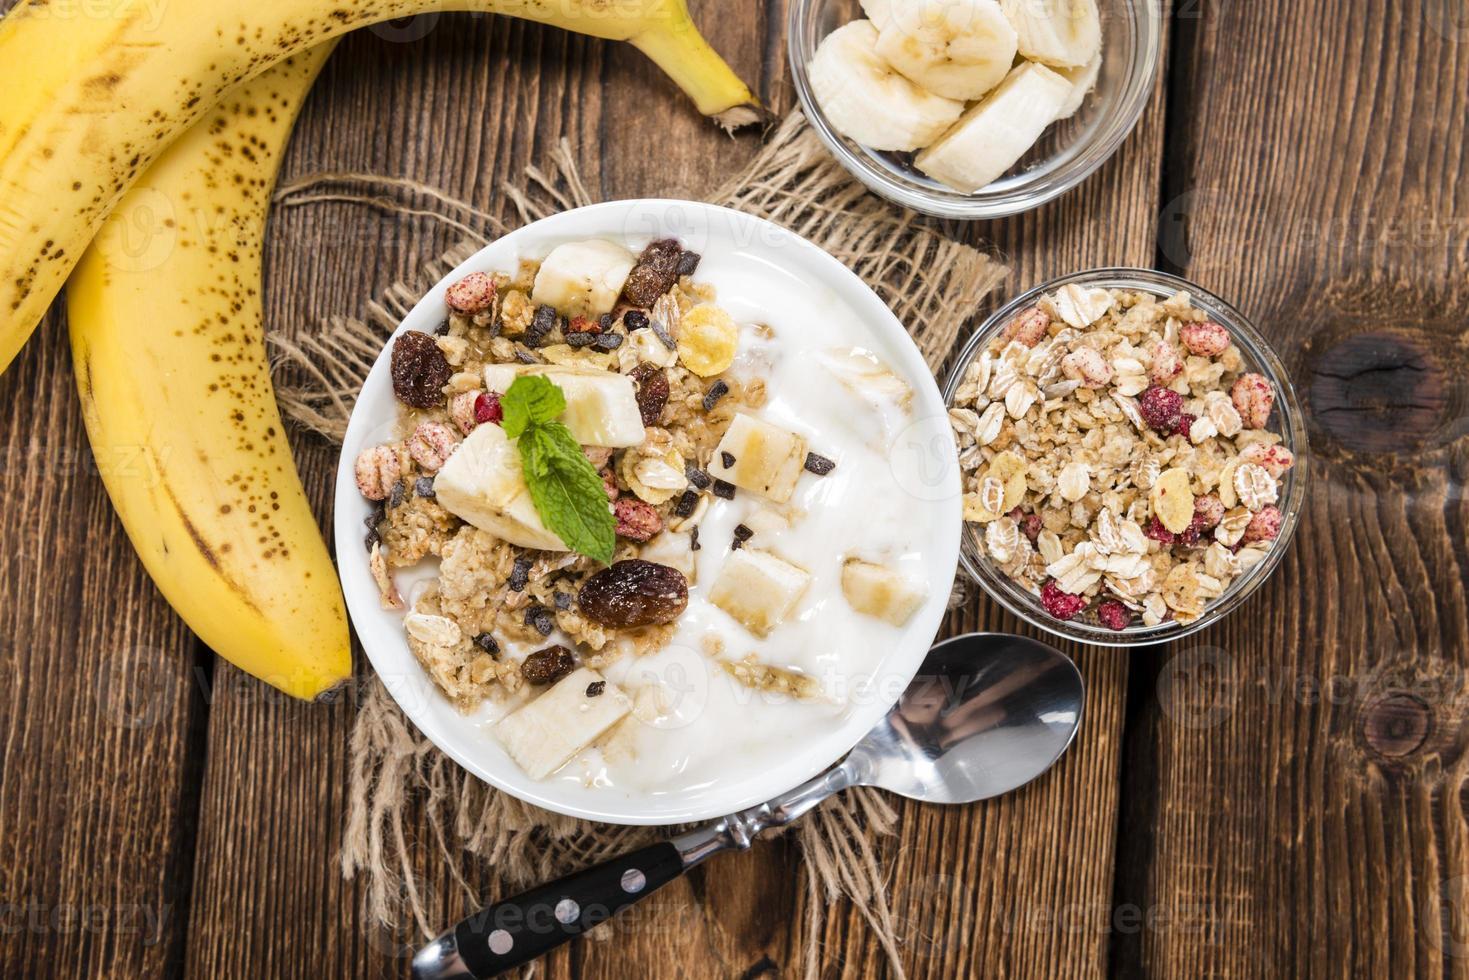 Portion Bananenjoghurt foto